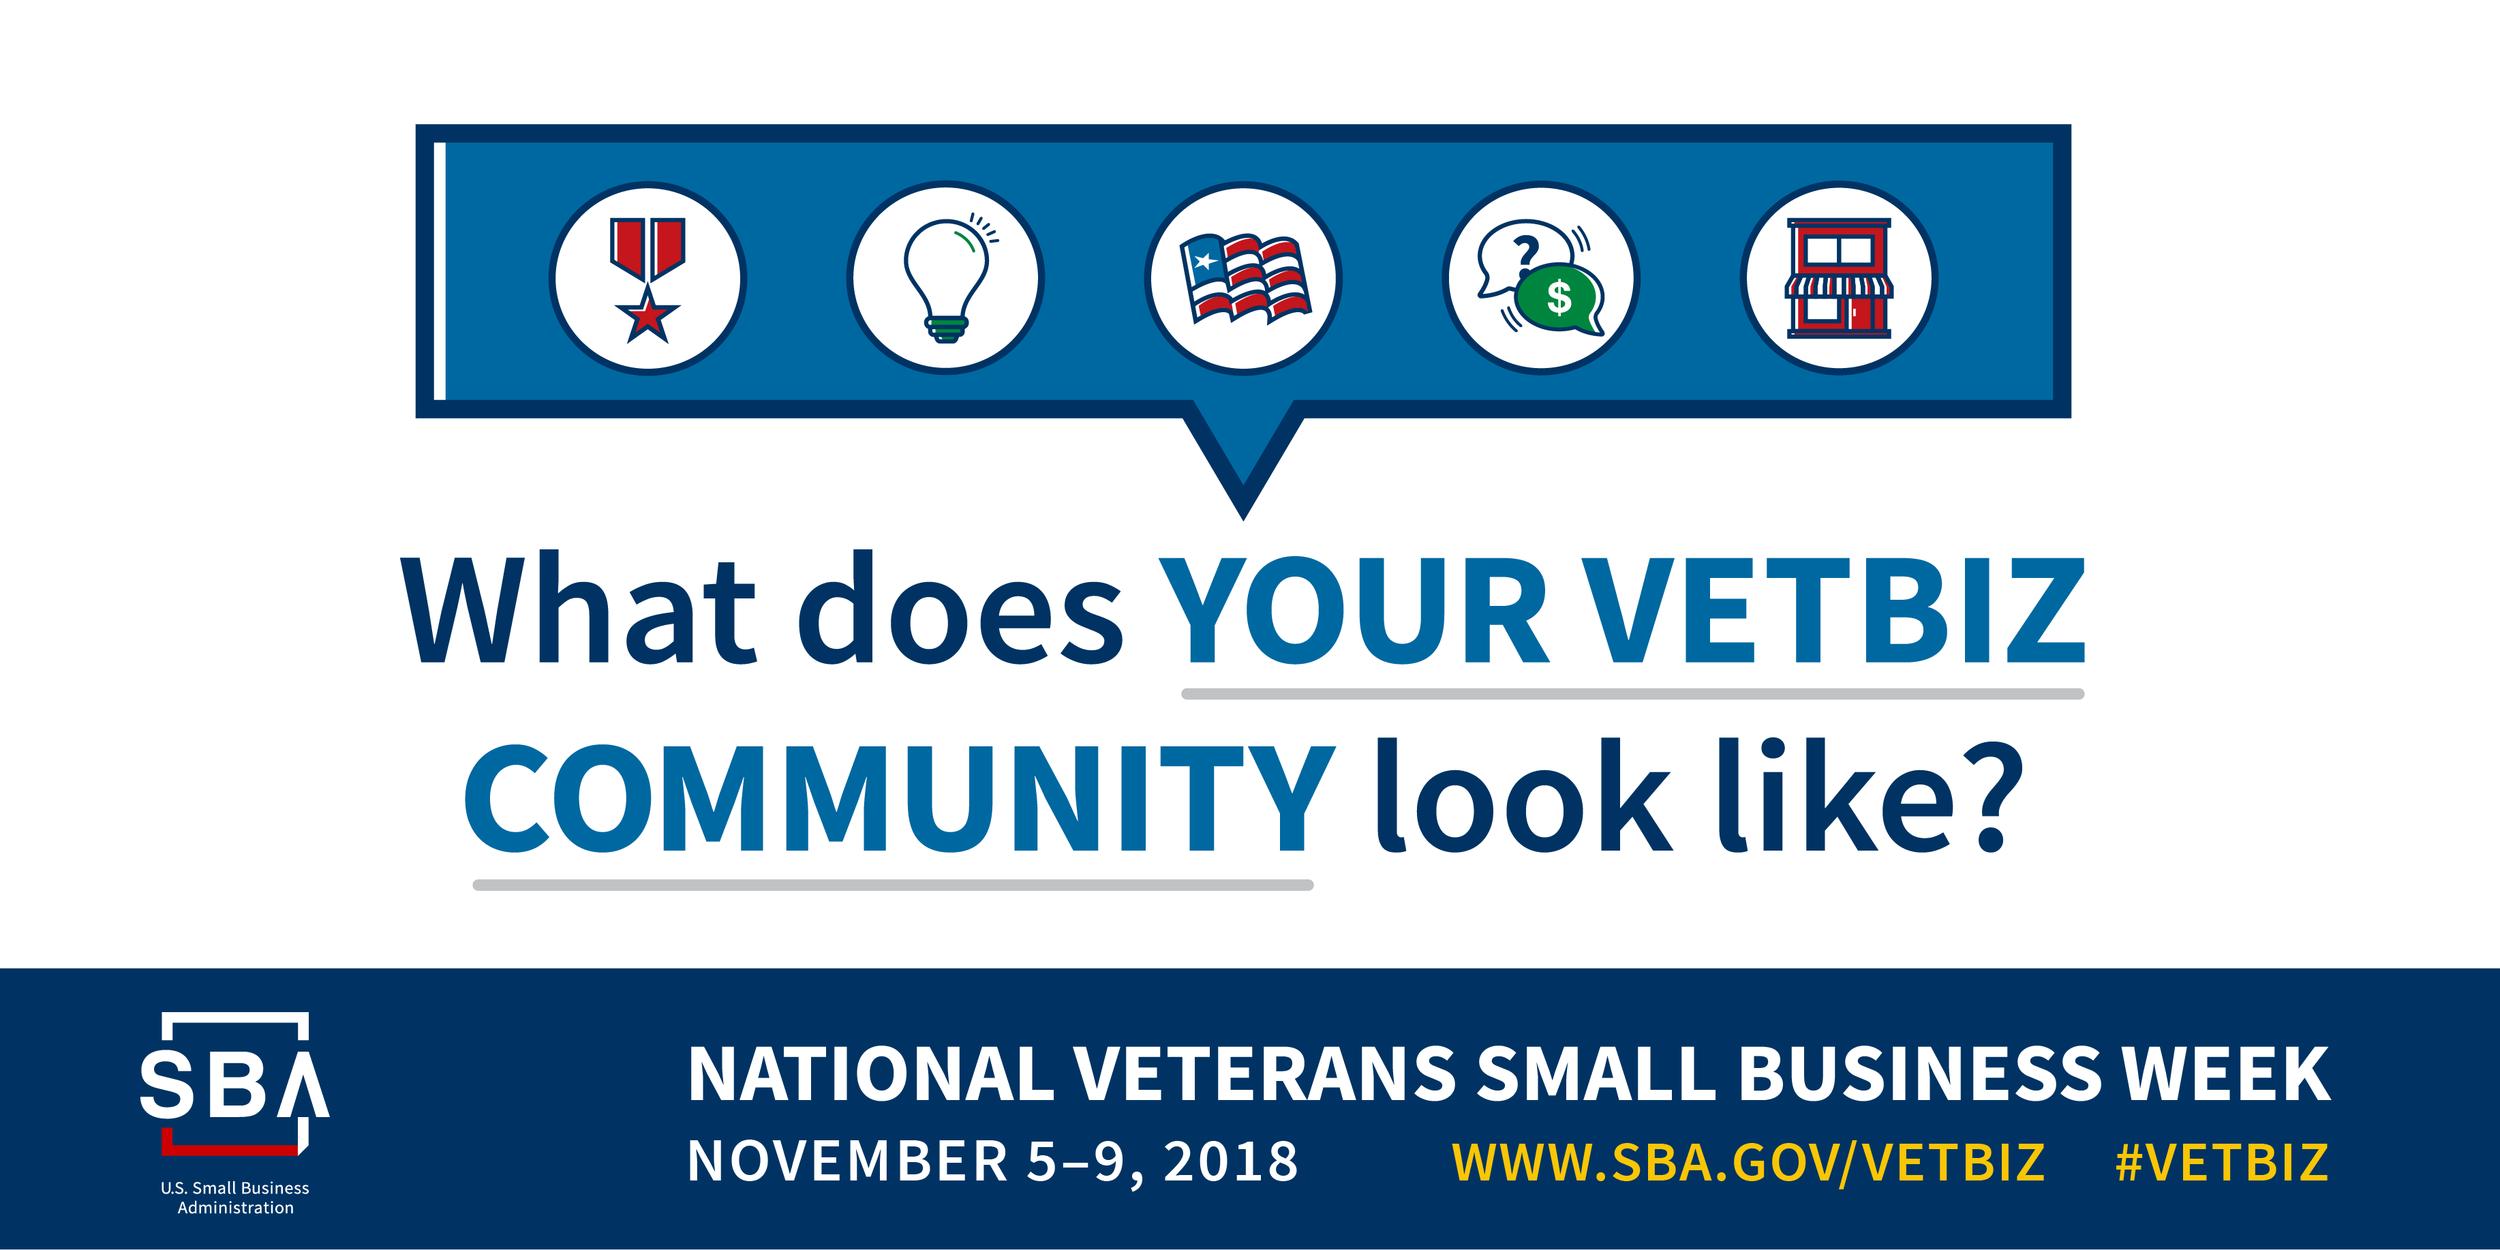 CTT-1308_National_Veterans_Small_Business_Week_SocialMediaPost.png